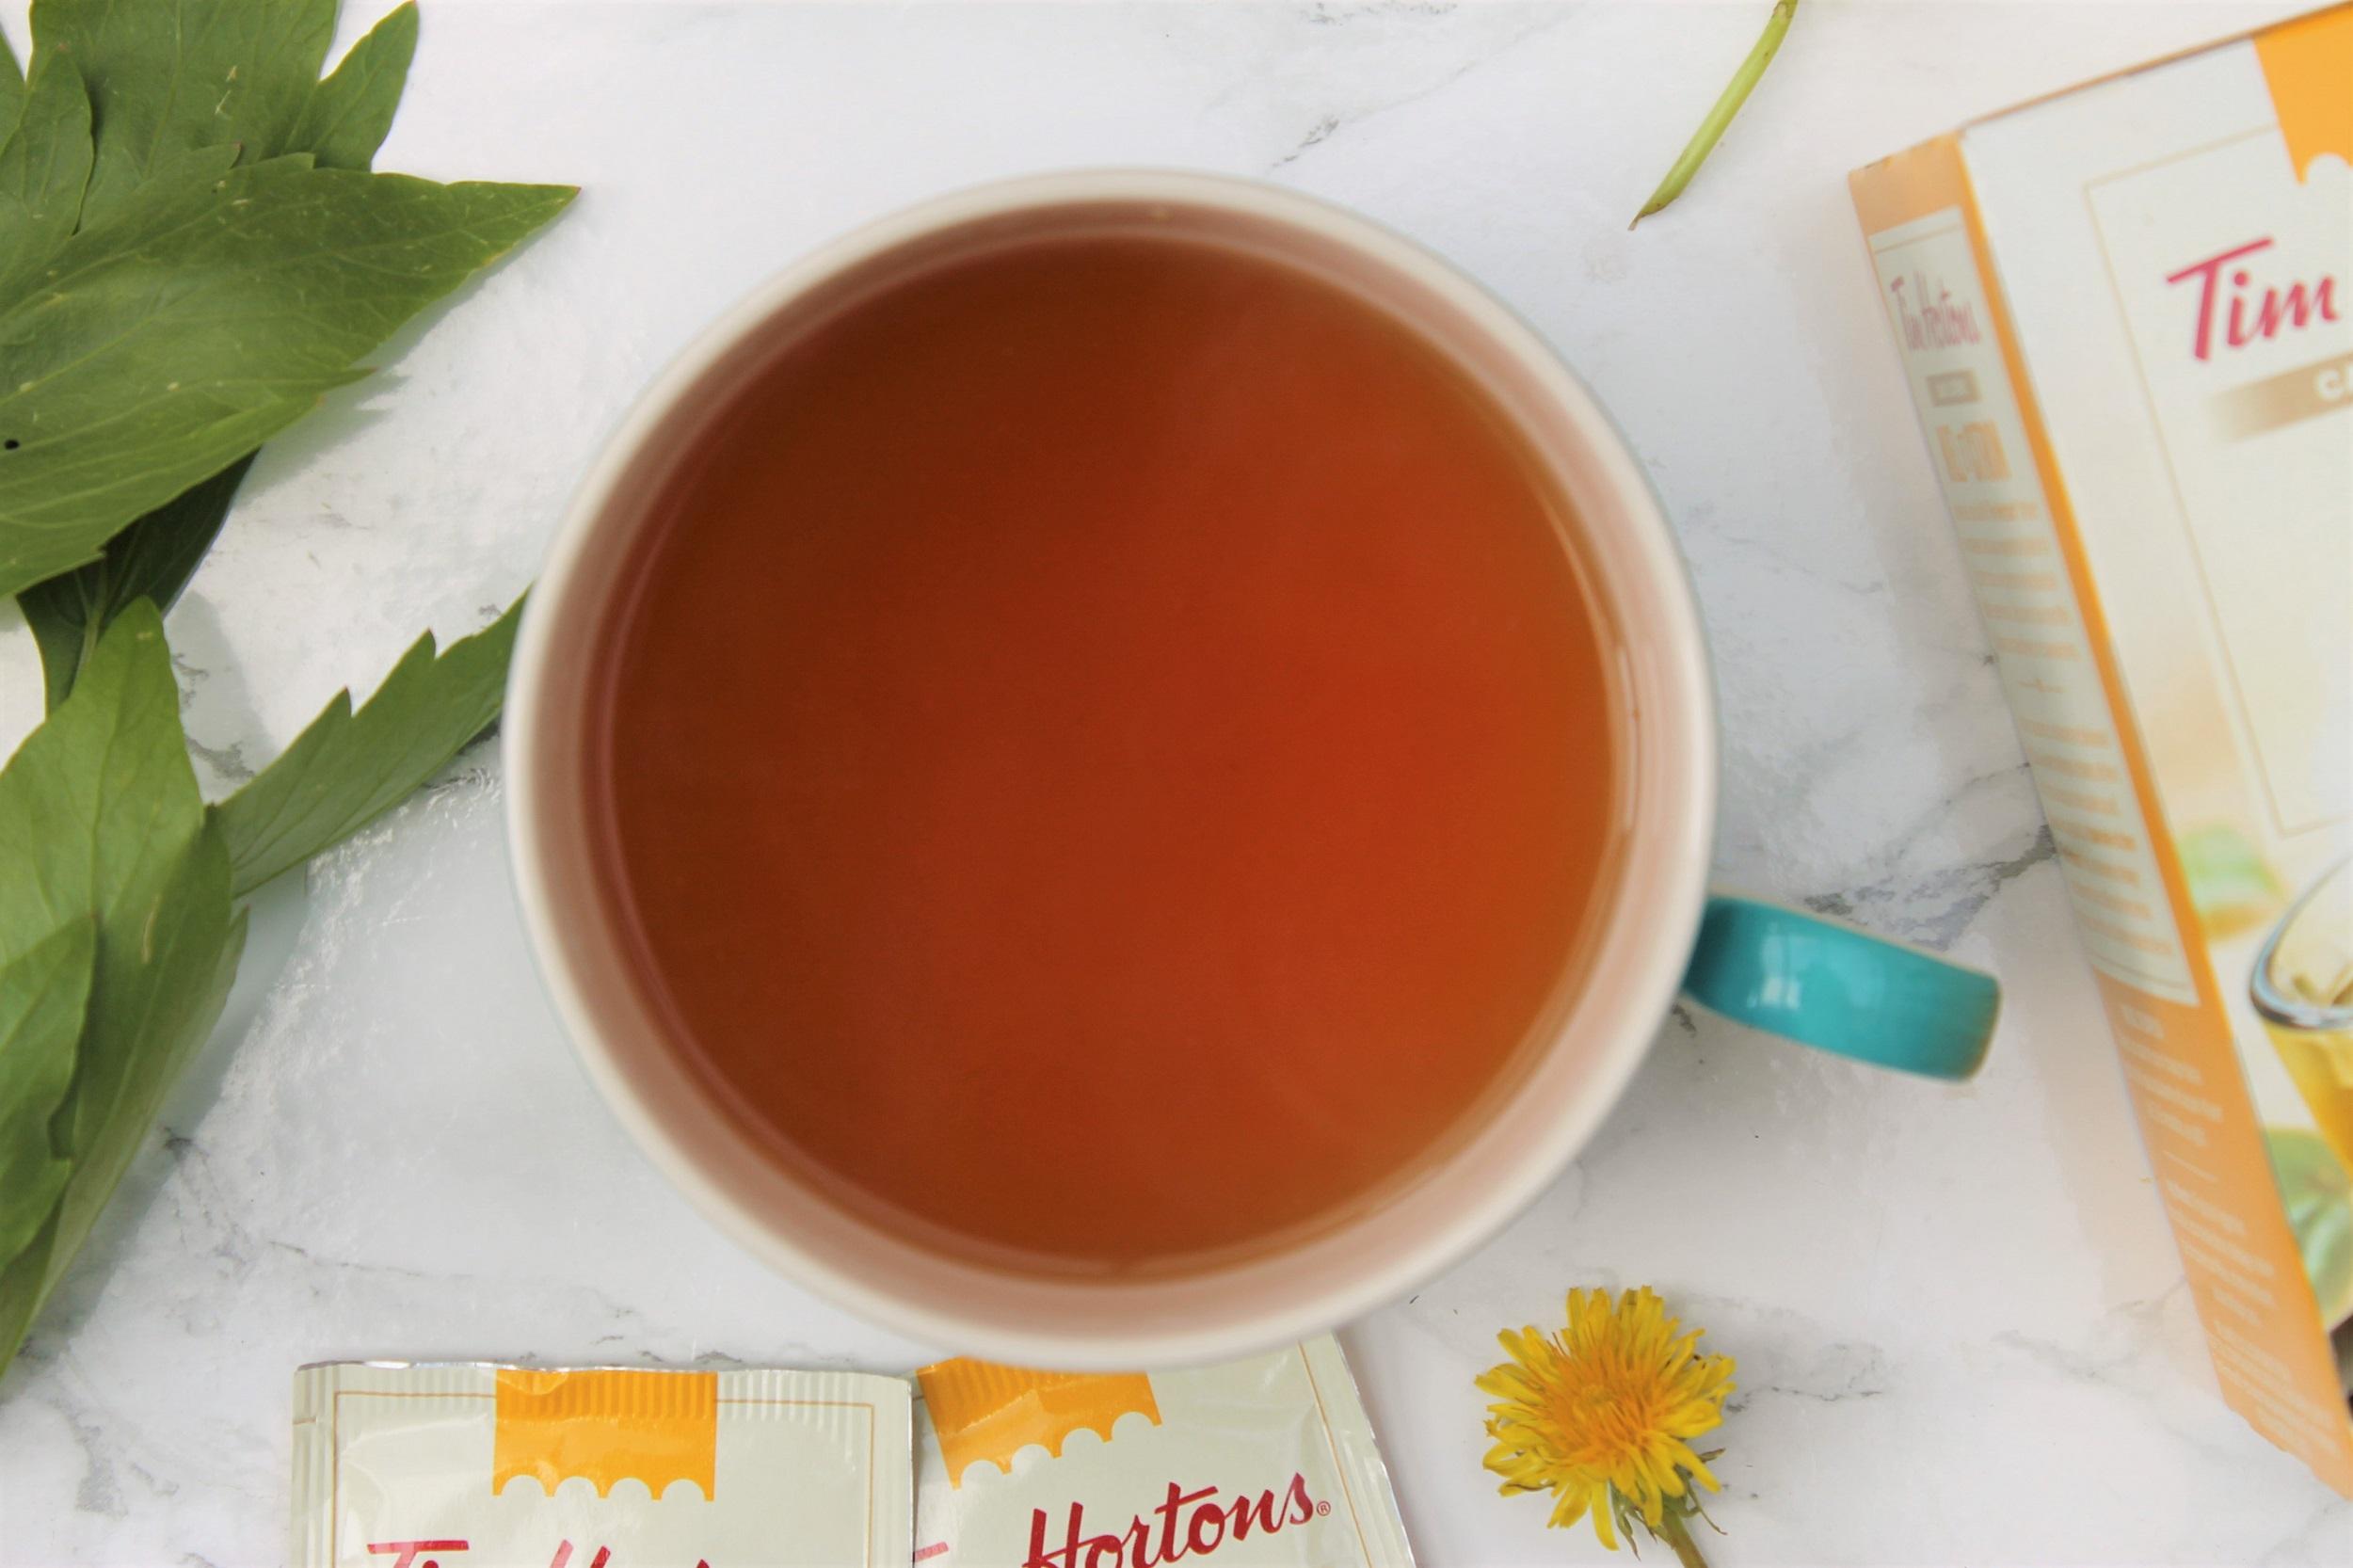 honey lemon tea in teacup